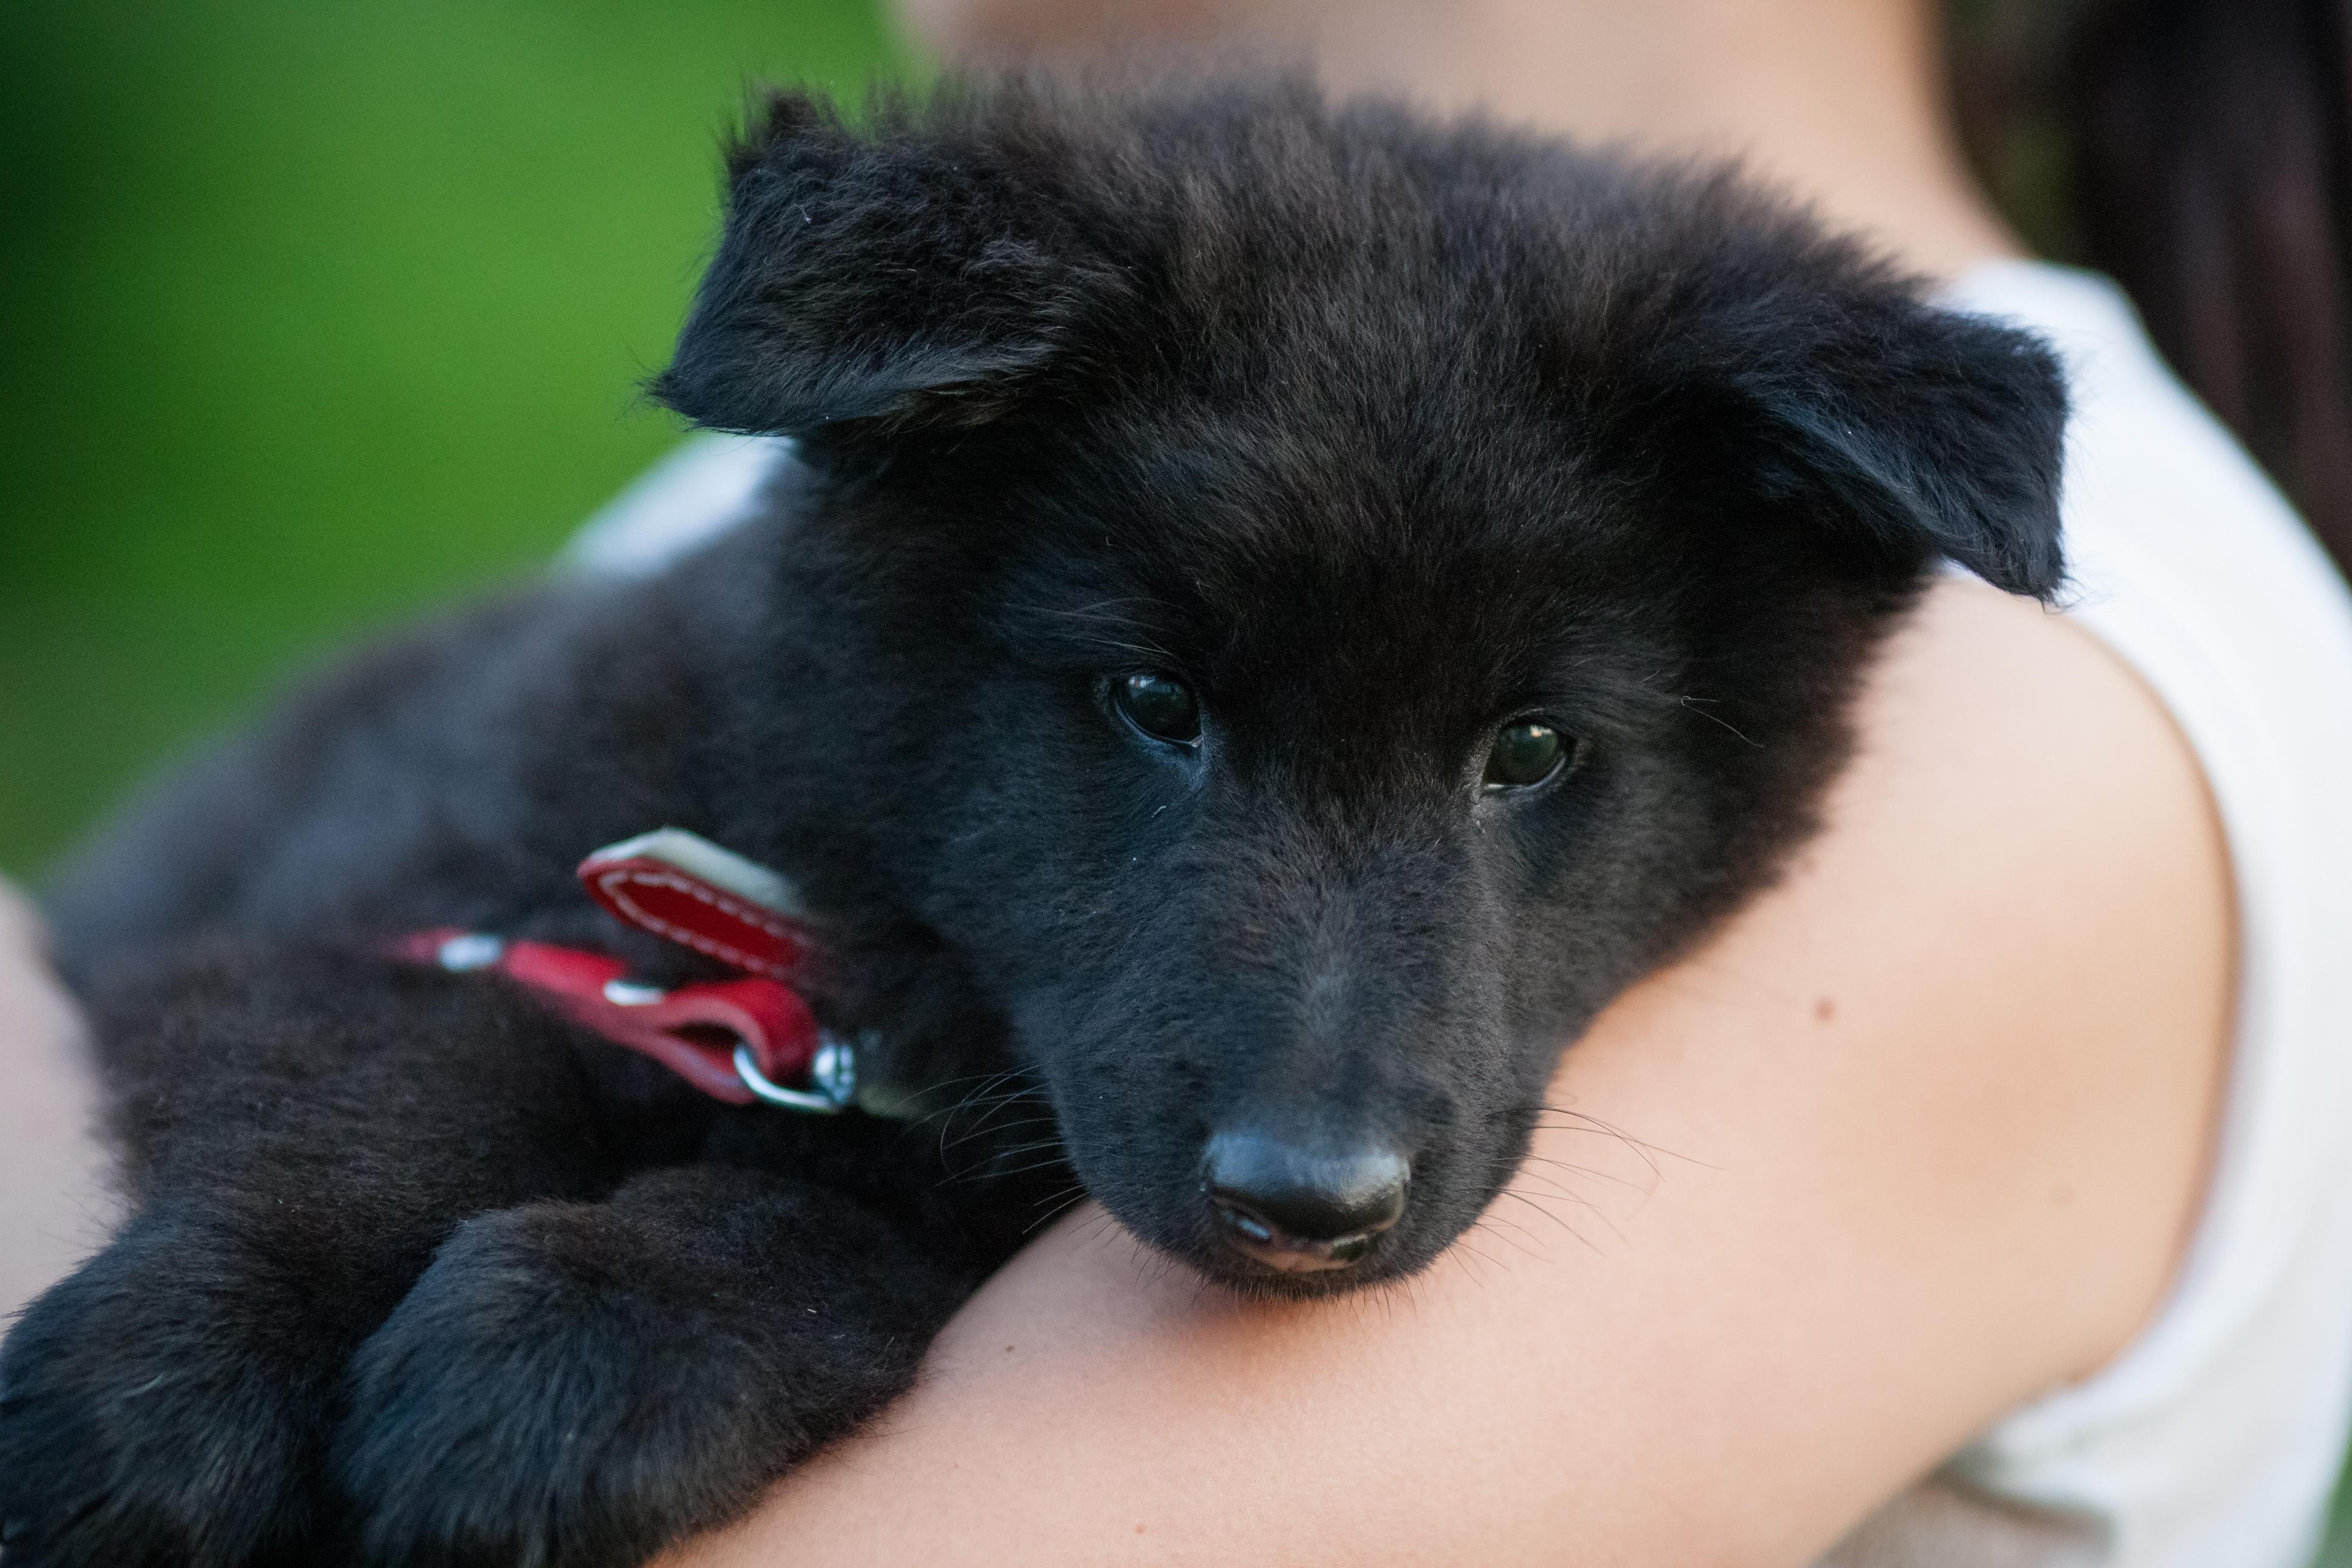 Koirien rekisteröinti tulee pakolliseksi – taustalla pentutehtailu ja irrallaan olevat koirat